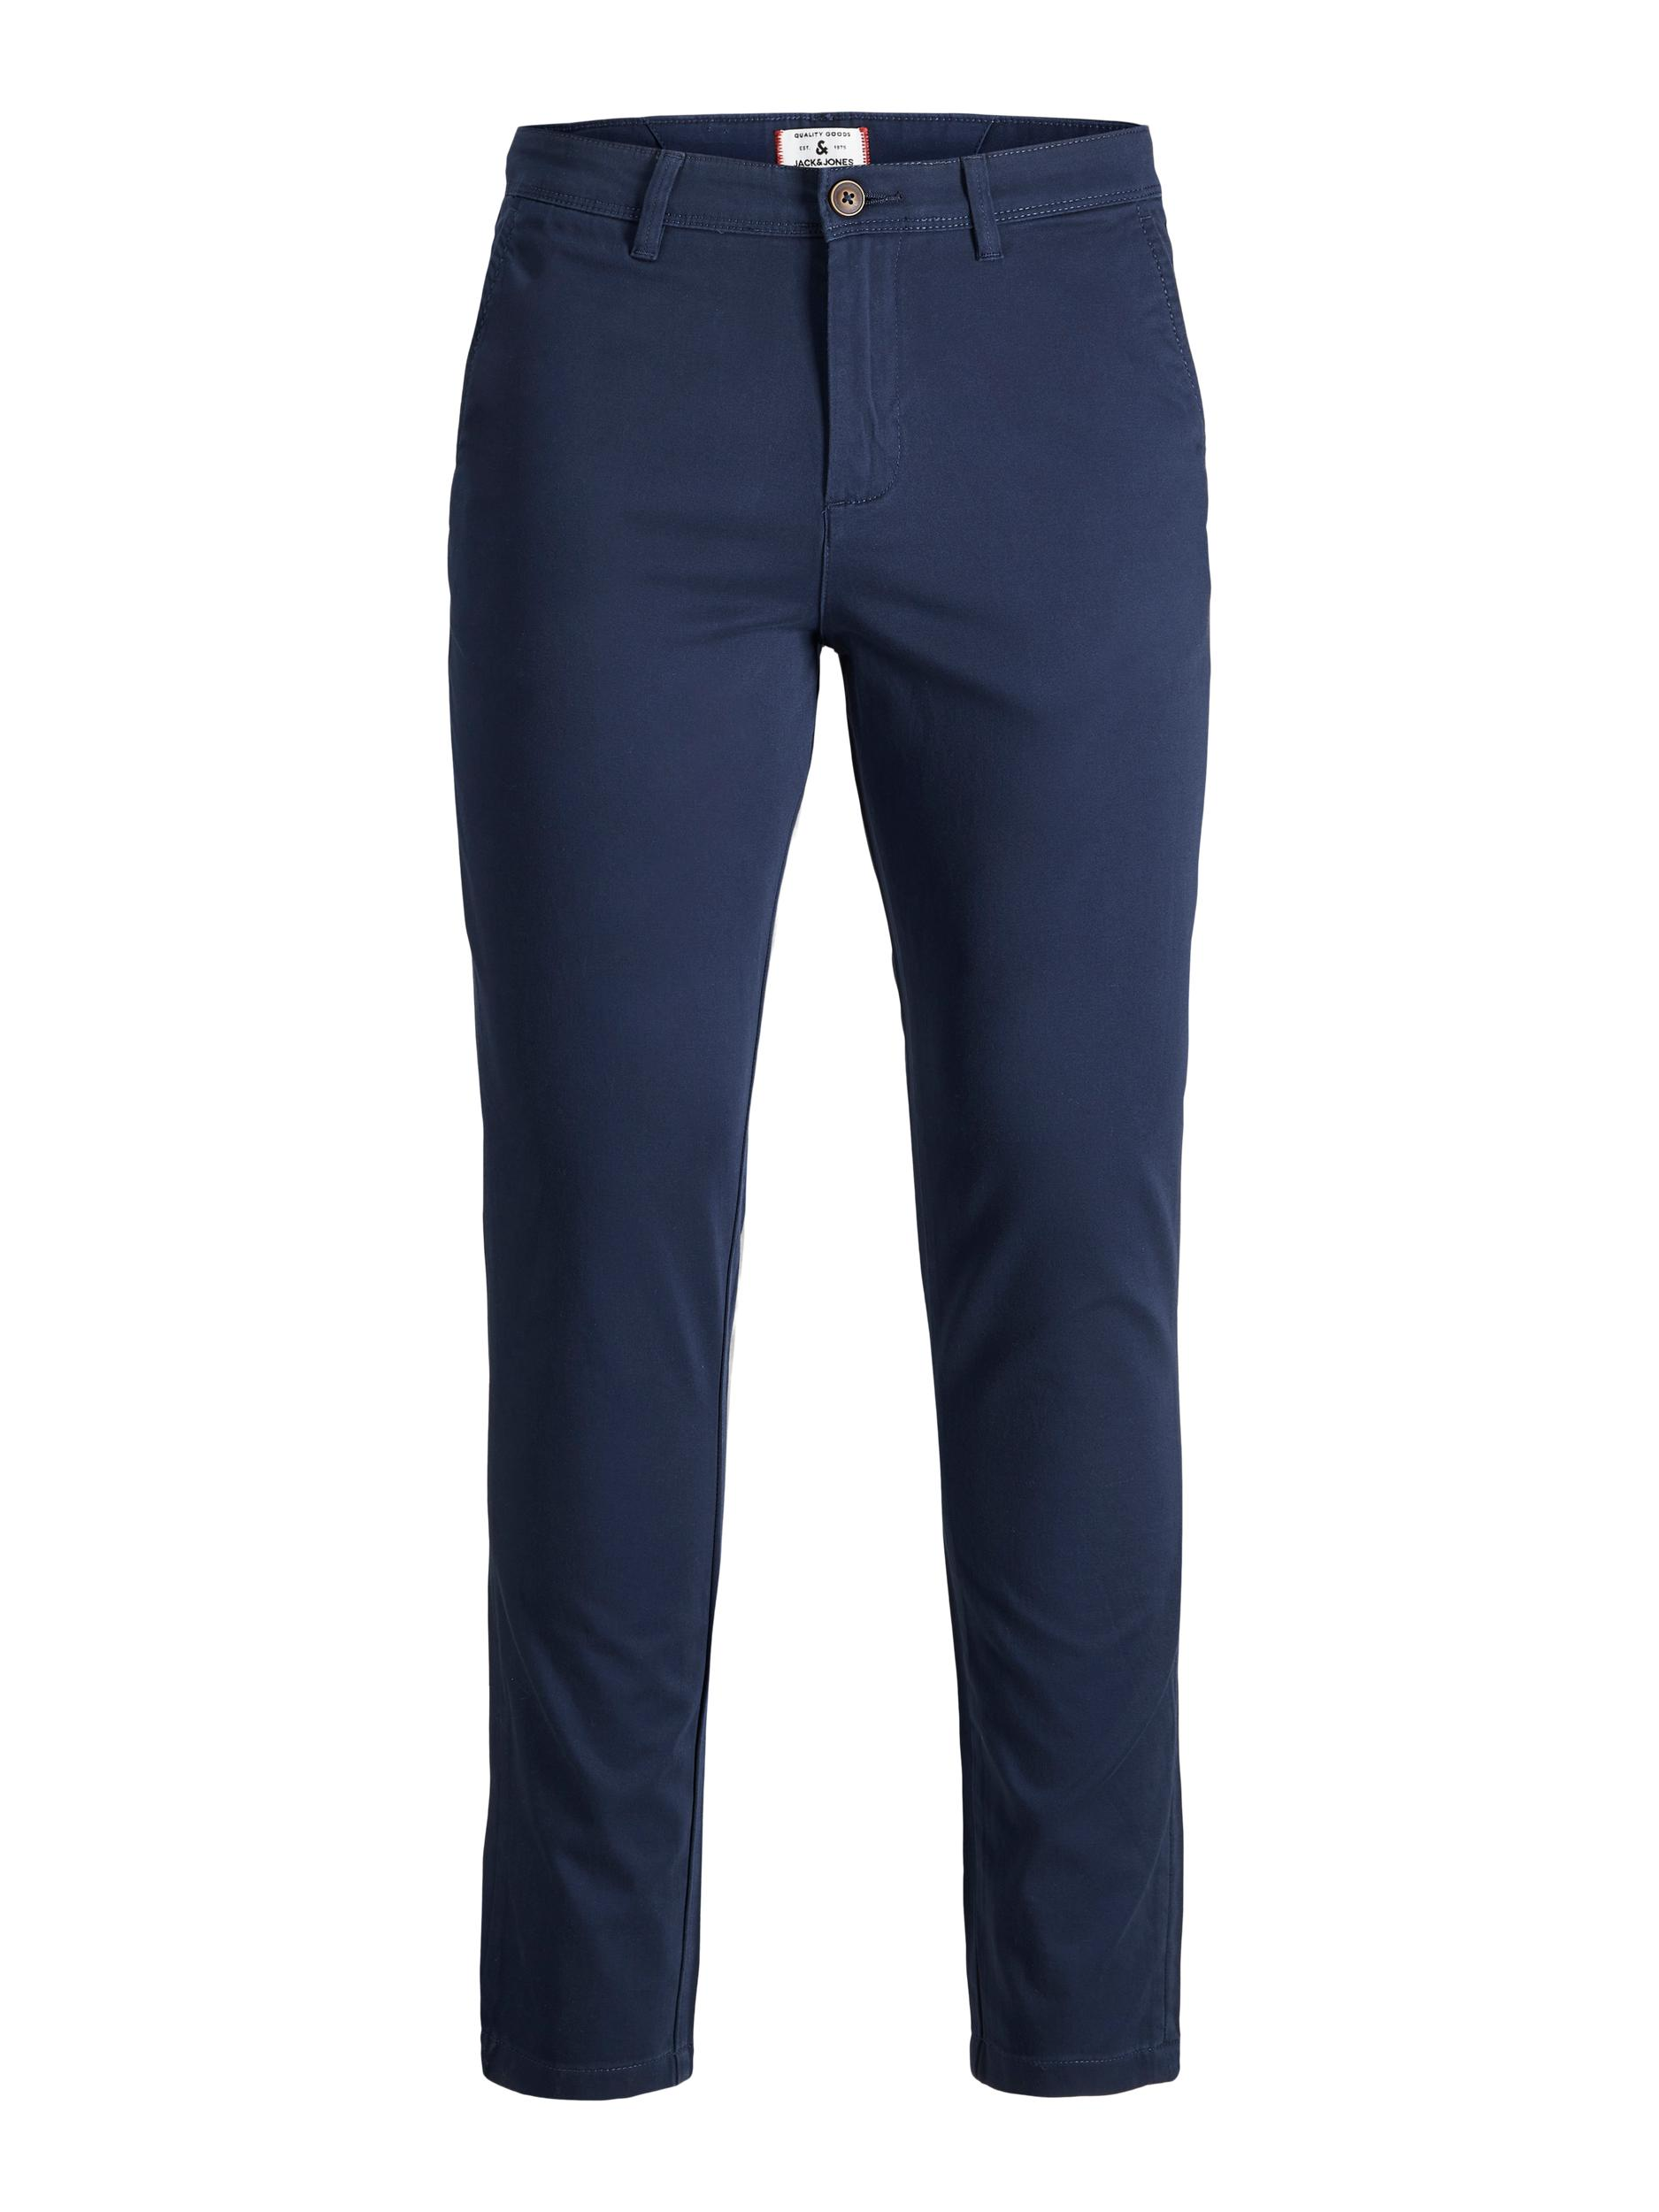 Jack & Jones Marco Bowie bukser, navy blazer, 152